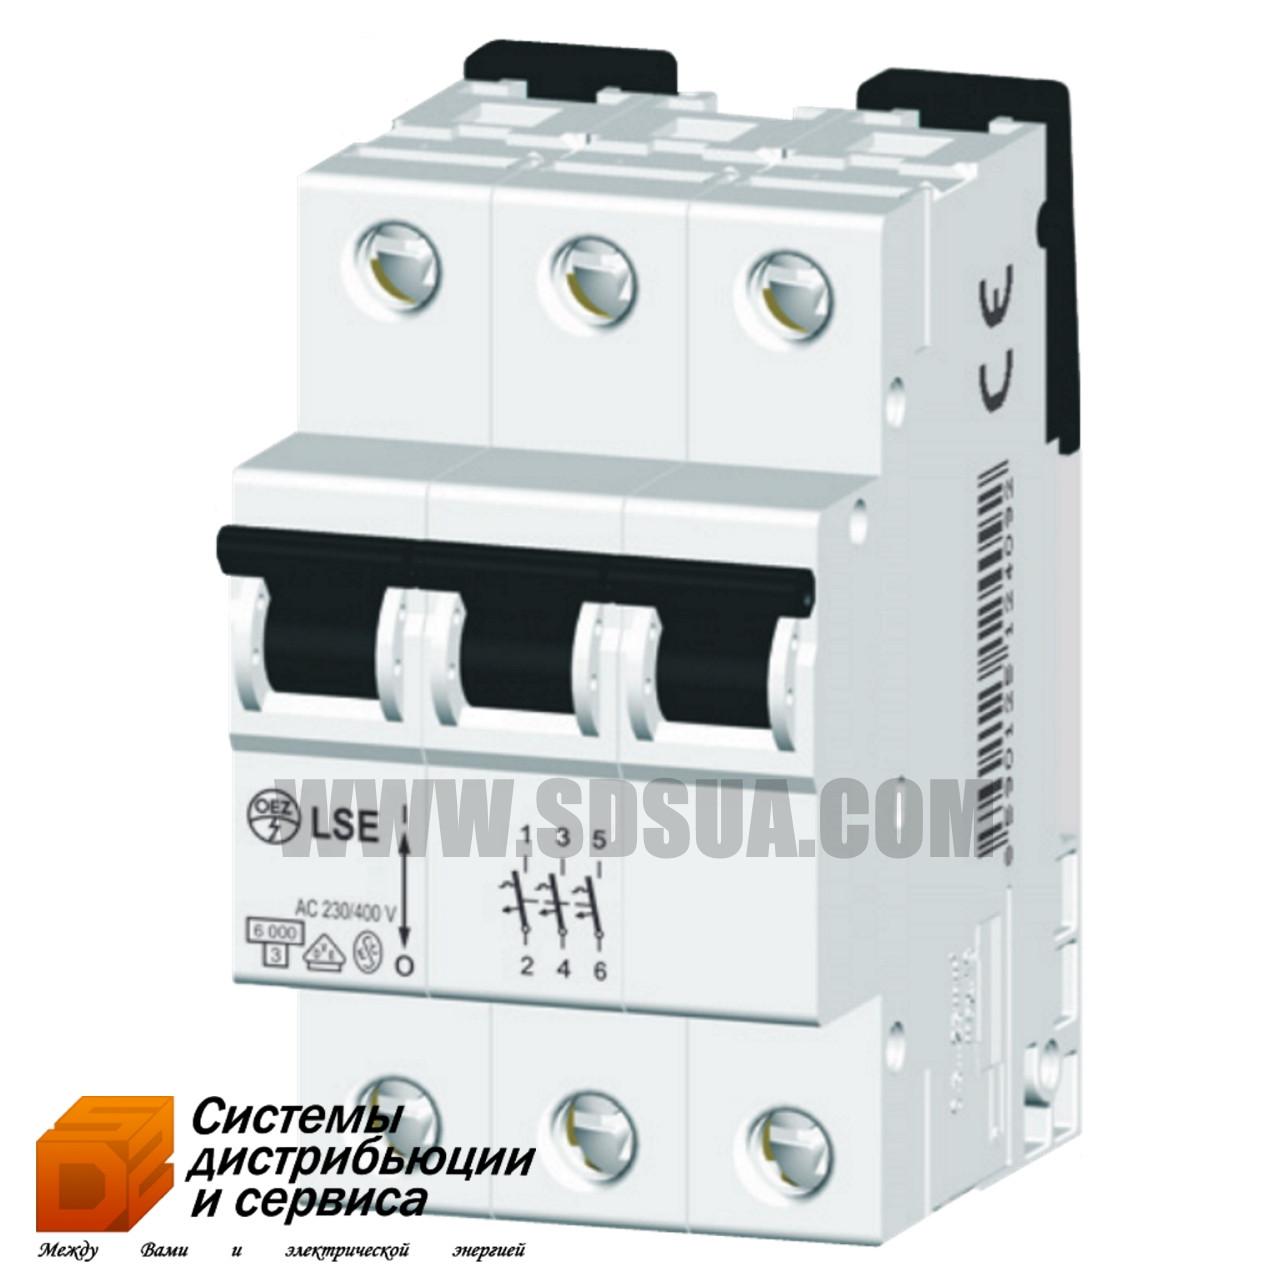 Автоматический выключатель LSE 10B/3 6кА (OEZ)